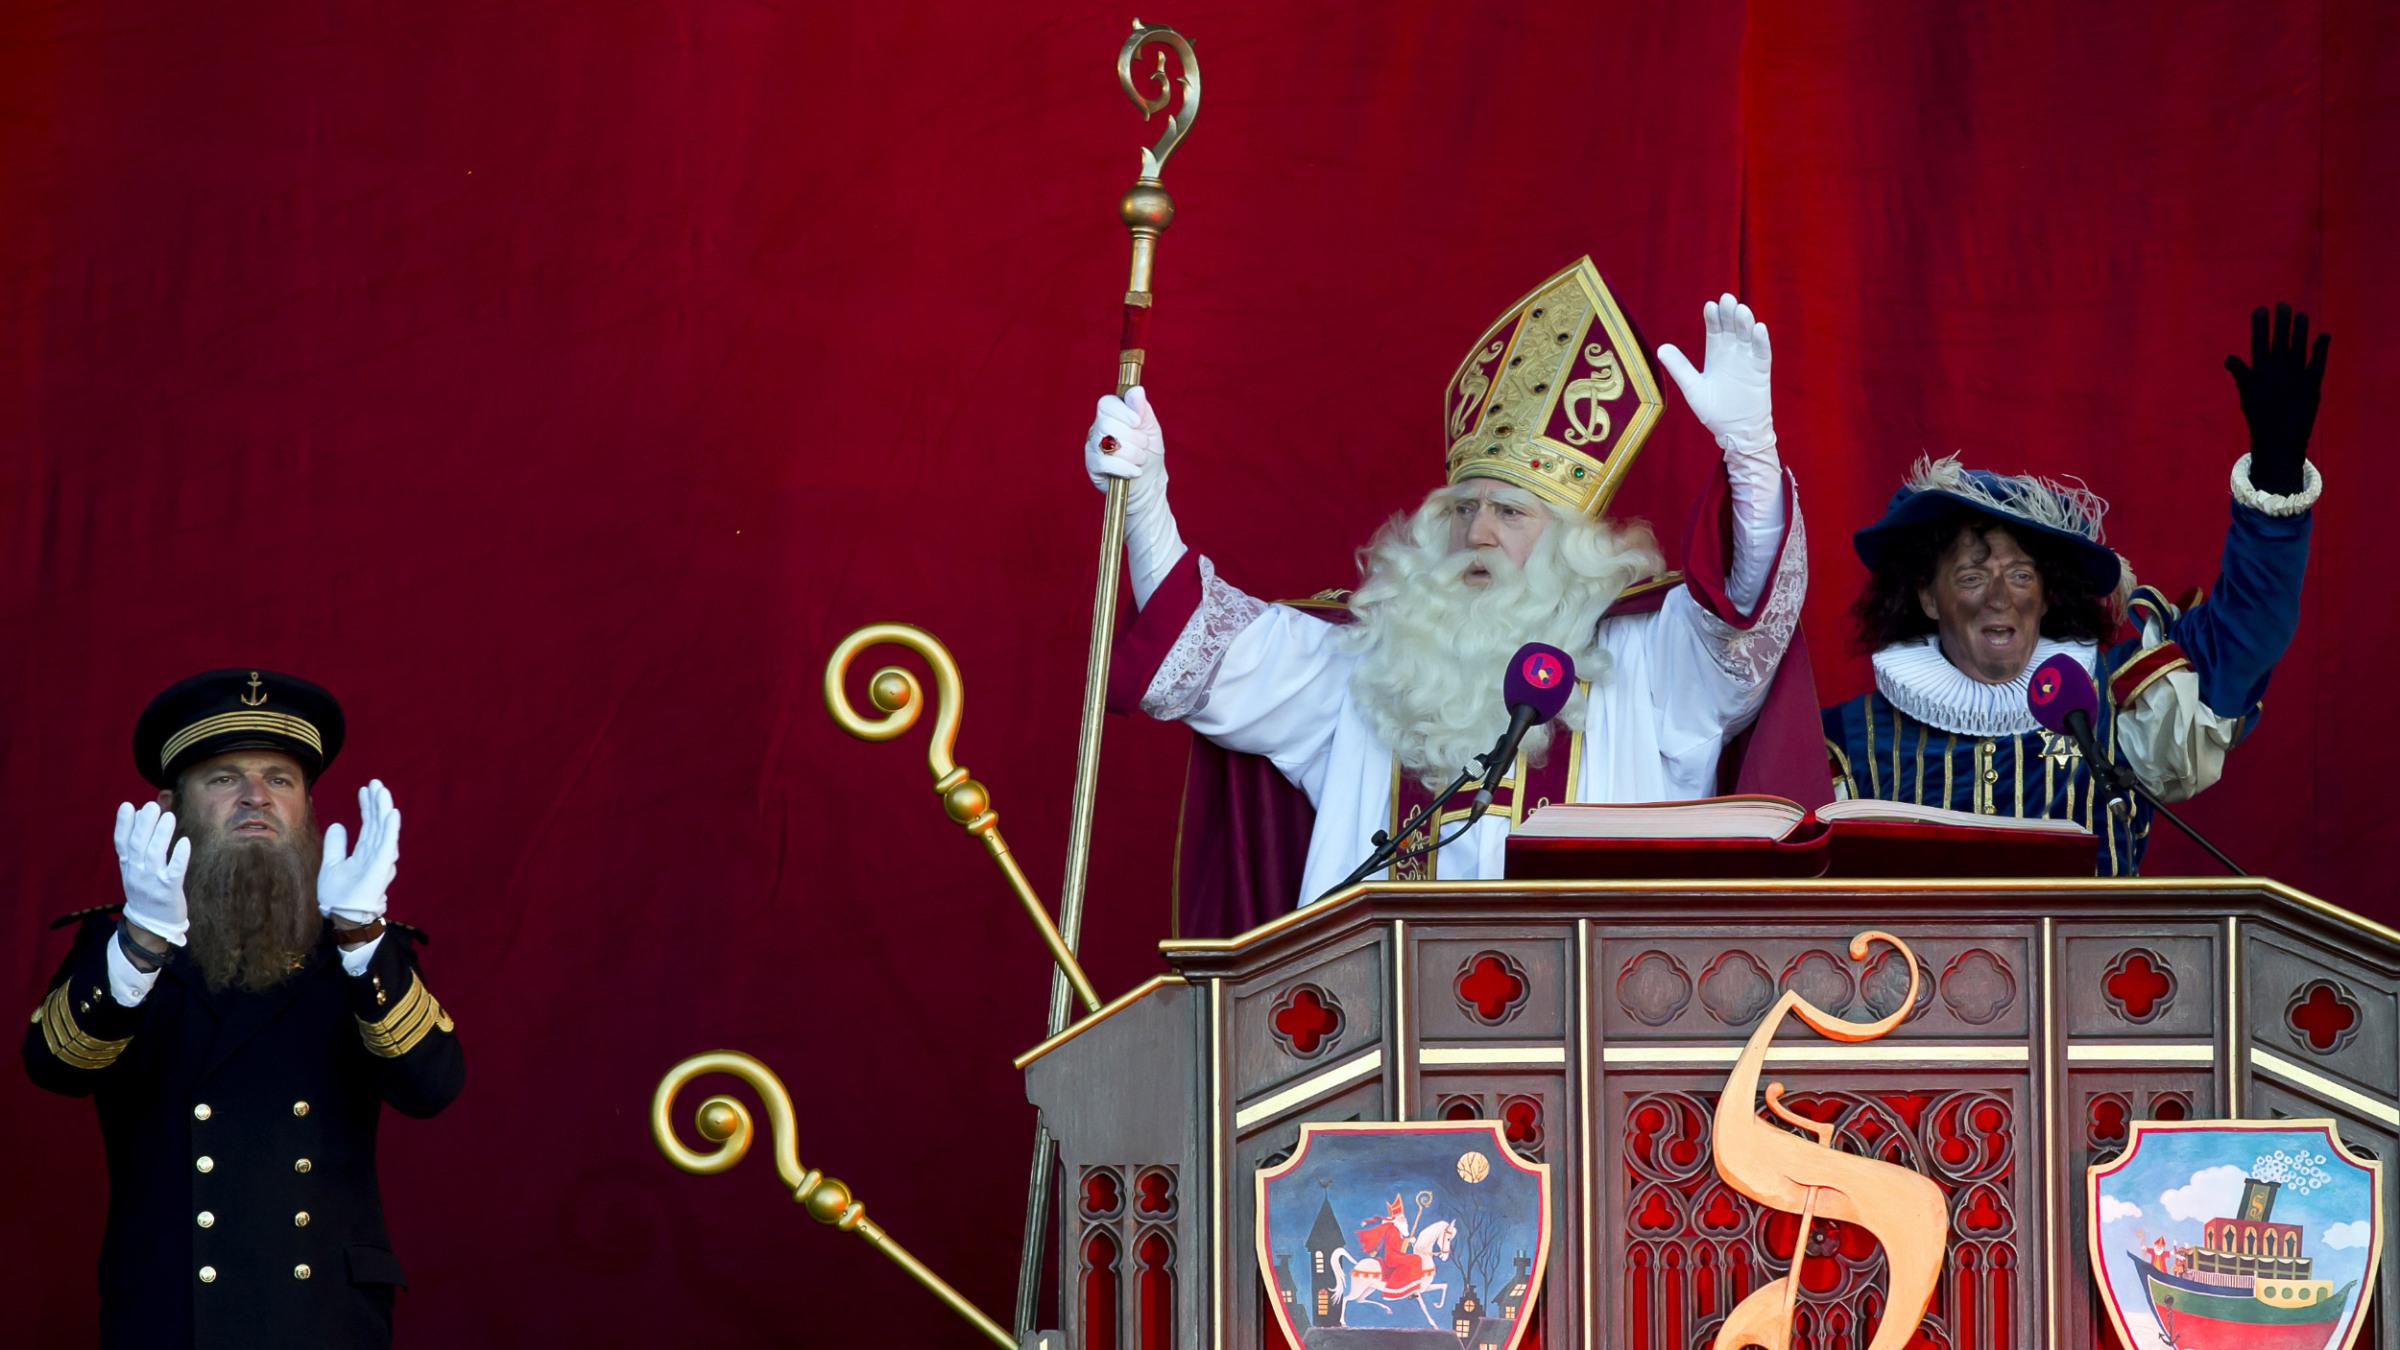 Przybycie Sinterklaasa do Antwerpii w 2018 r.